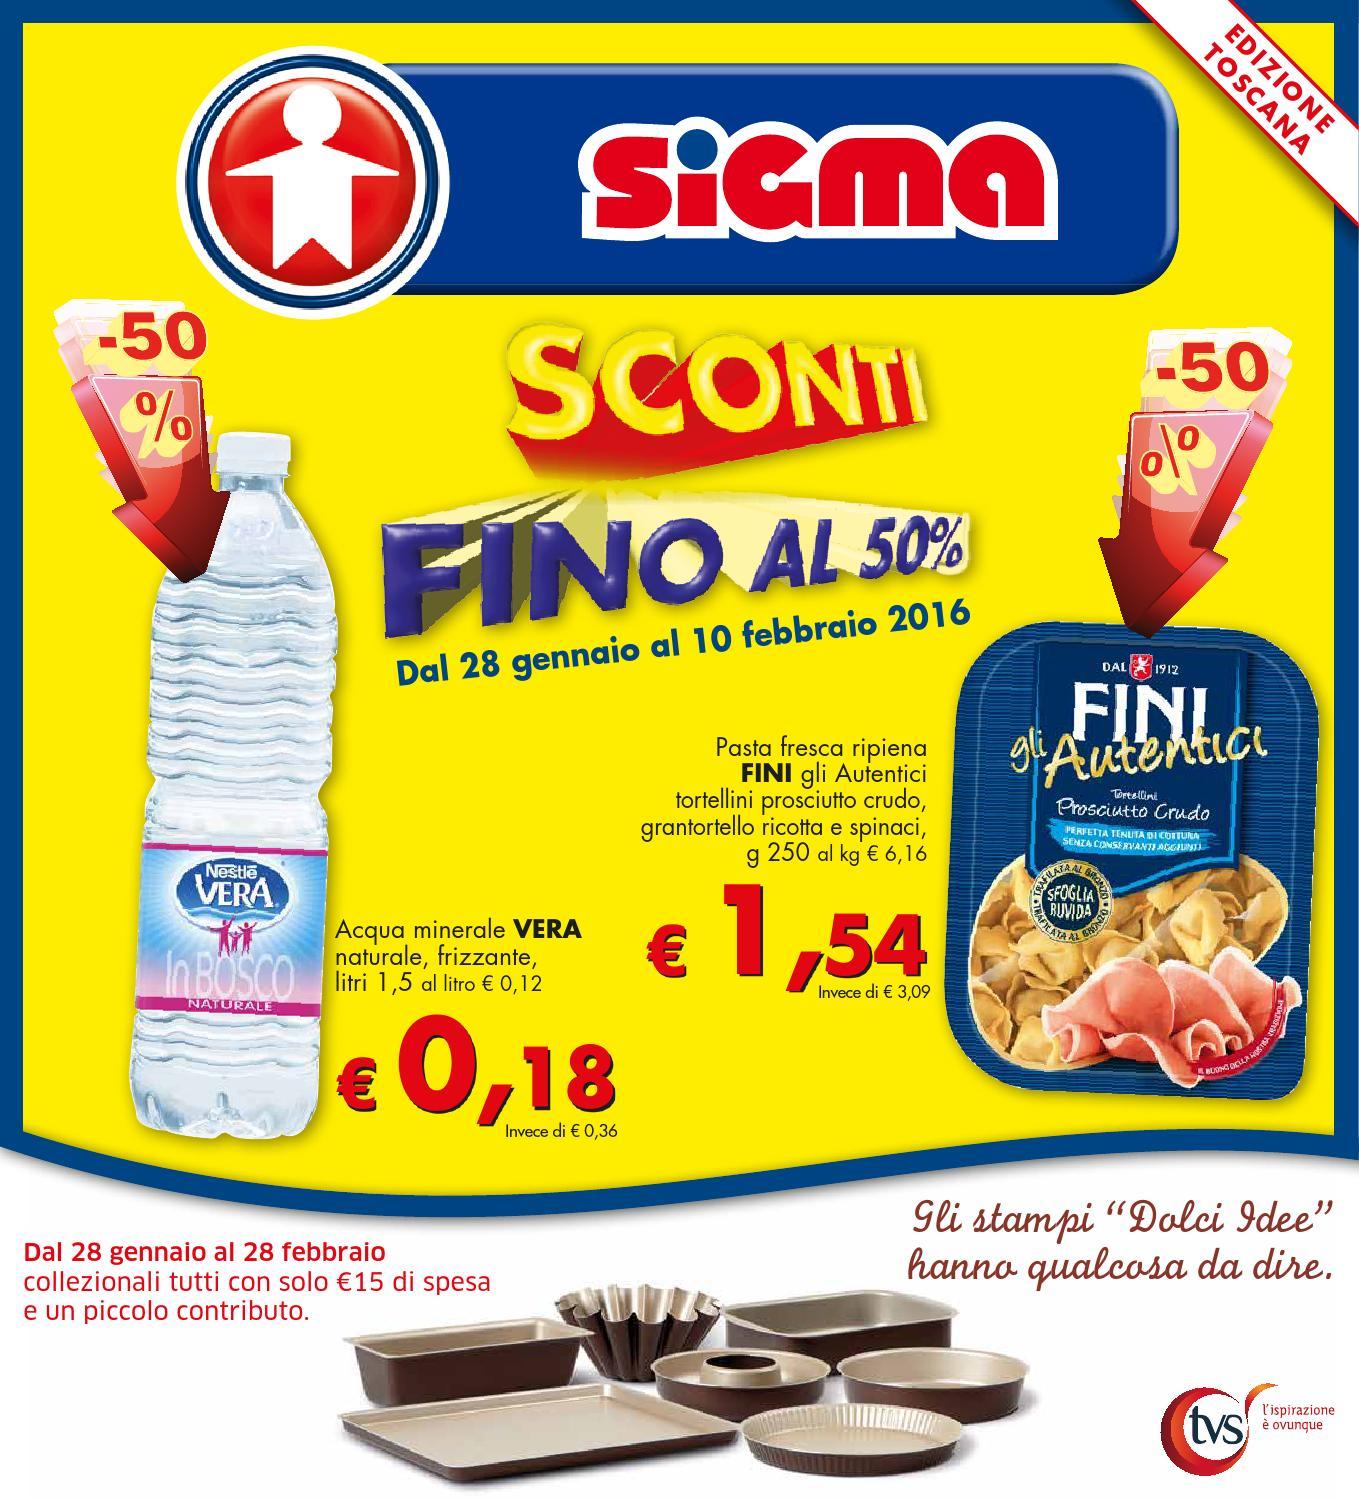 Volantino sigma ed toscana 03 2016 by consorzio europa s c for Volantino acqua e sapone toscana